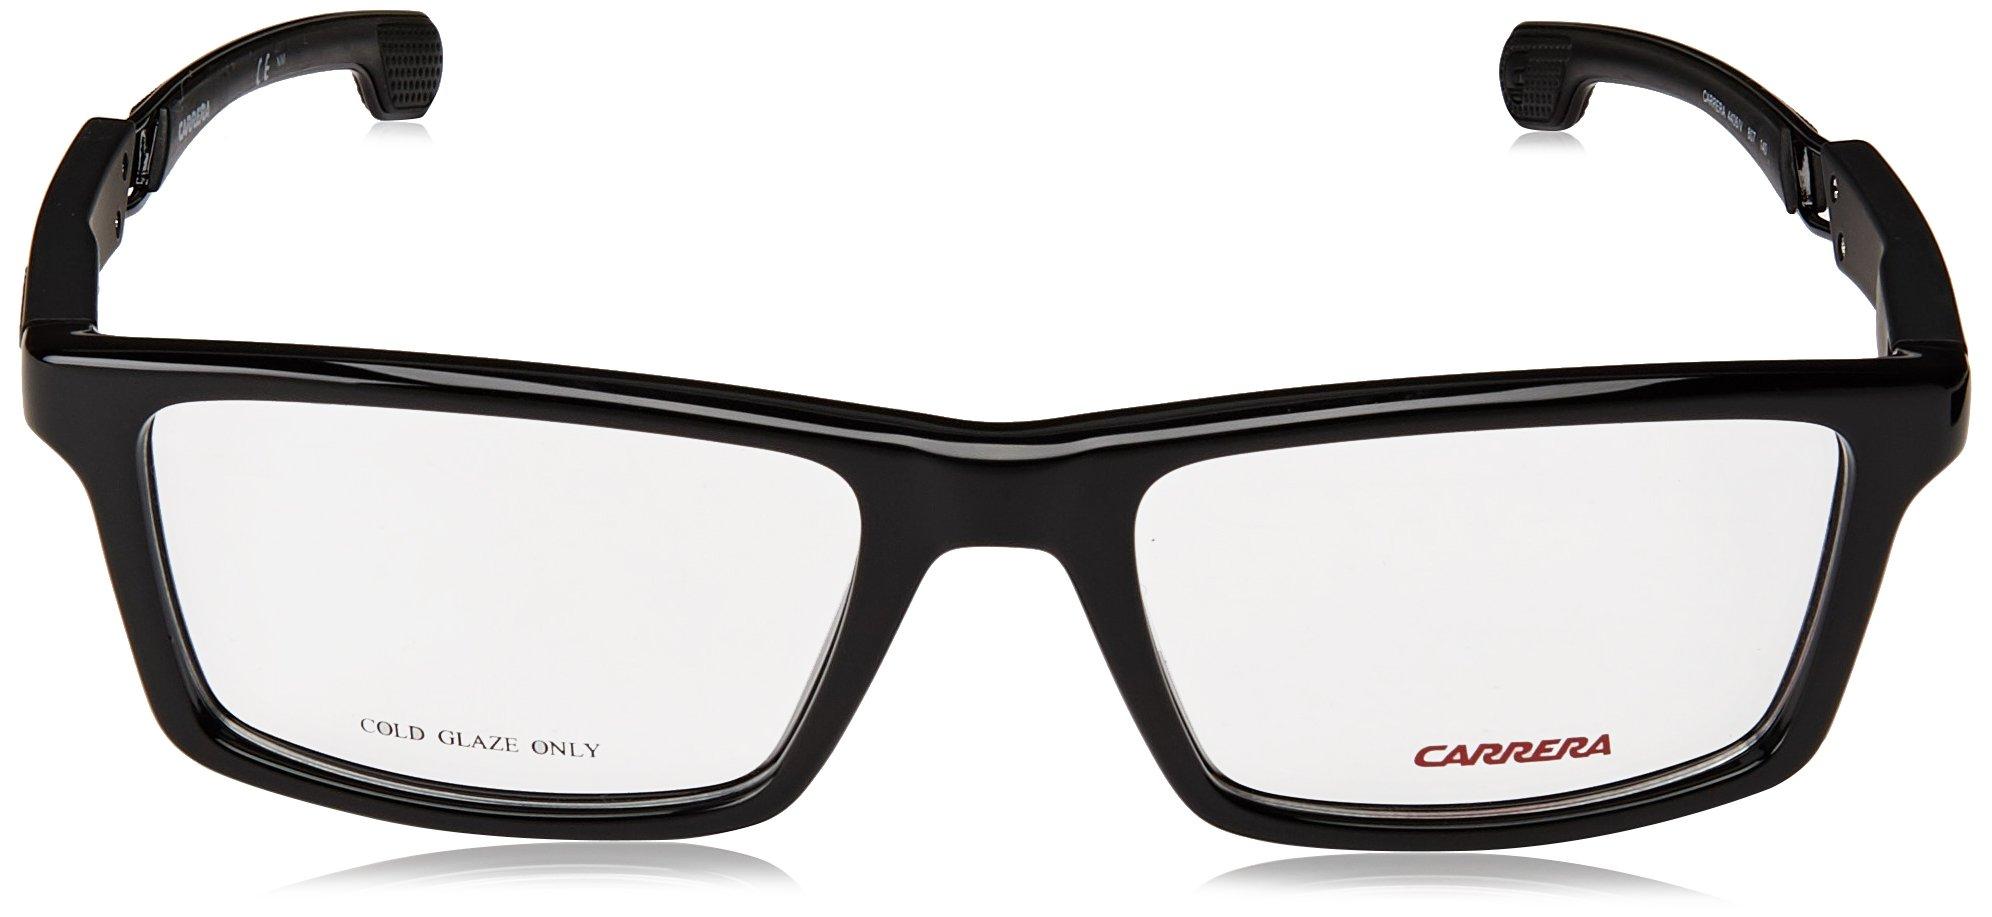 0a9df7b58aefc Carrera 4406 V Eyeglass Frames CA4406-0807-5318 - Black Frame